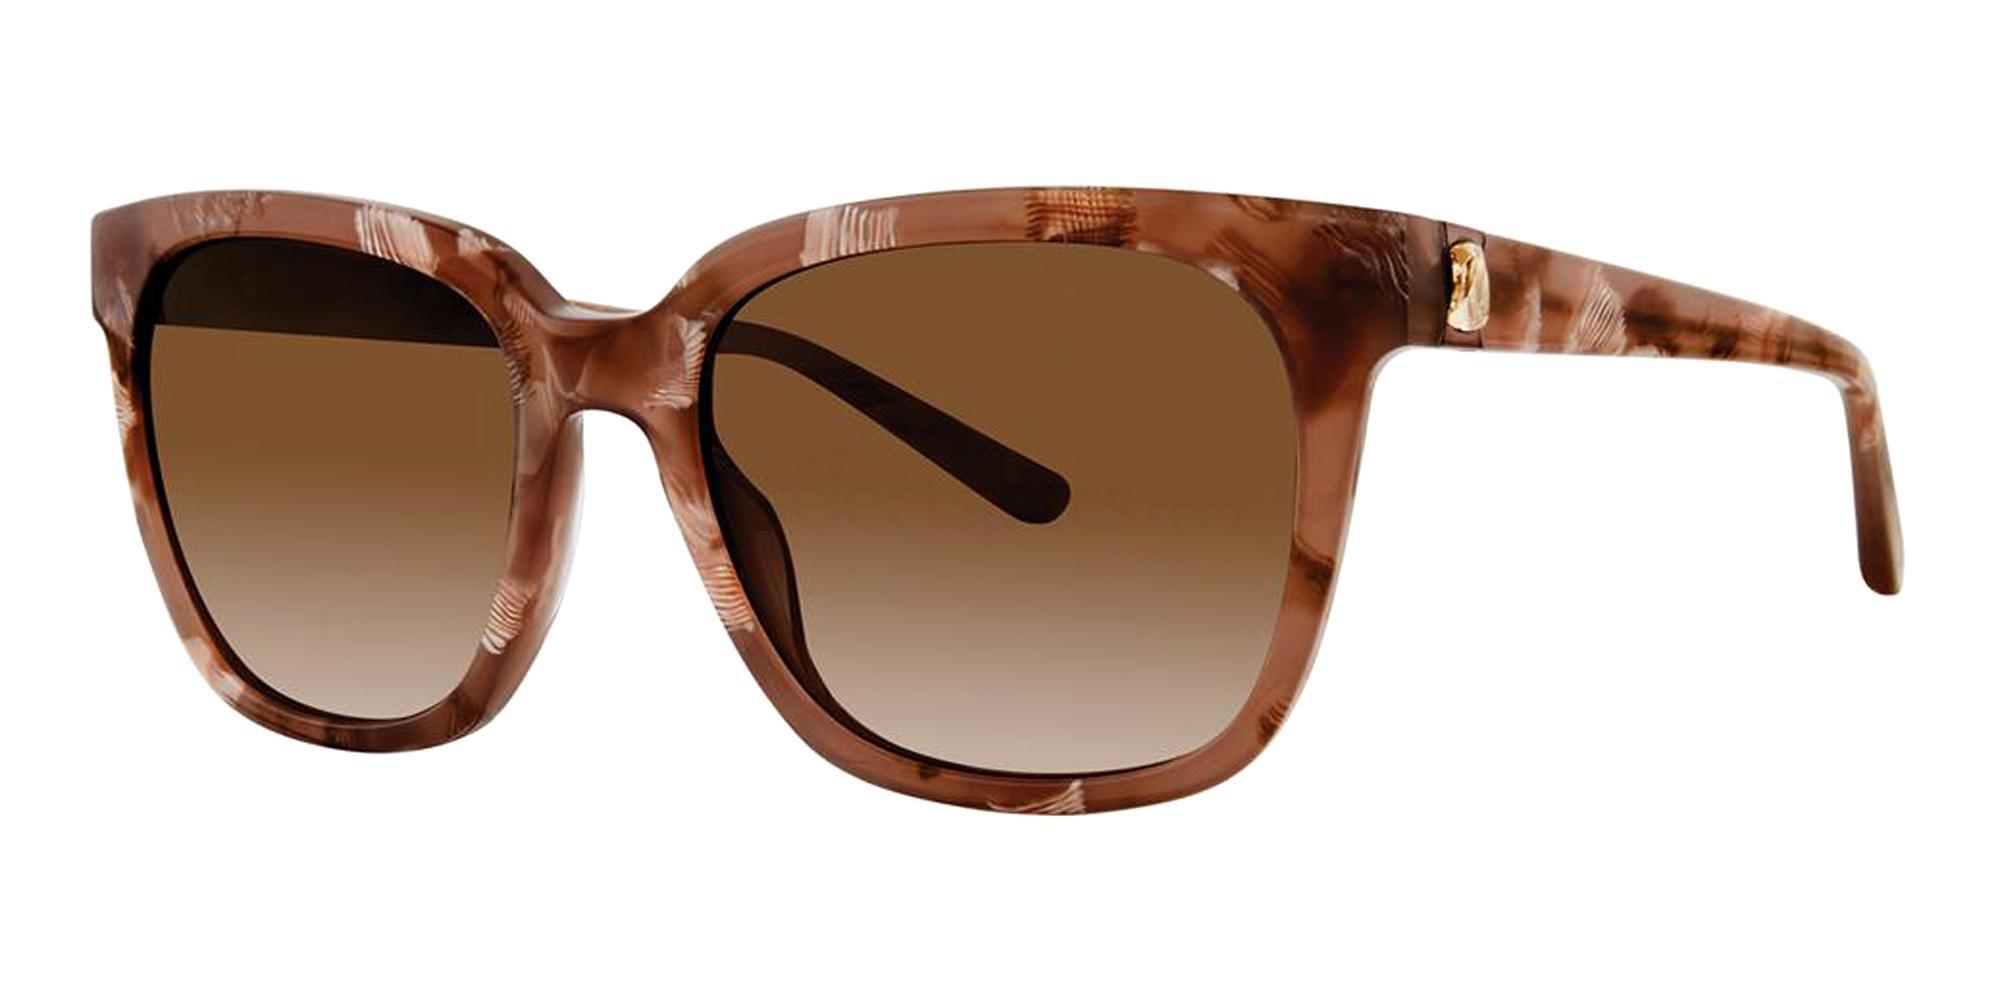 Caramel ELISA Sunglasses, Vera Wang Luxe